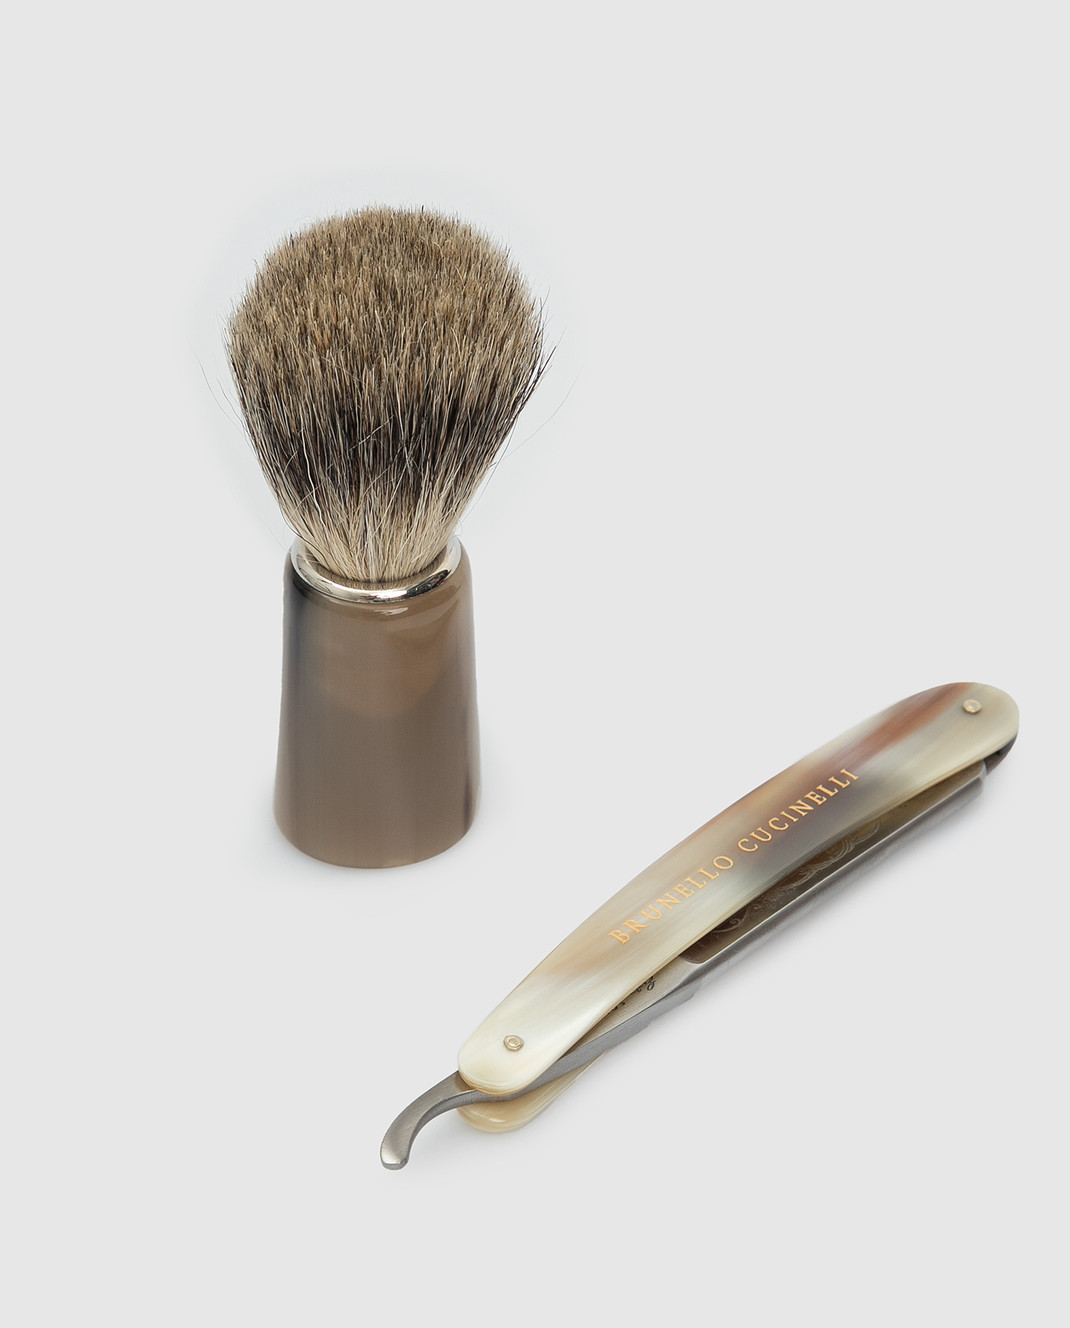 Brunello Cucinelli Мужской набор для бритья изображение 4